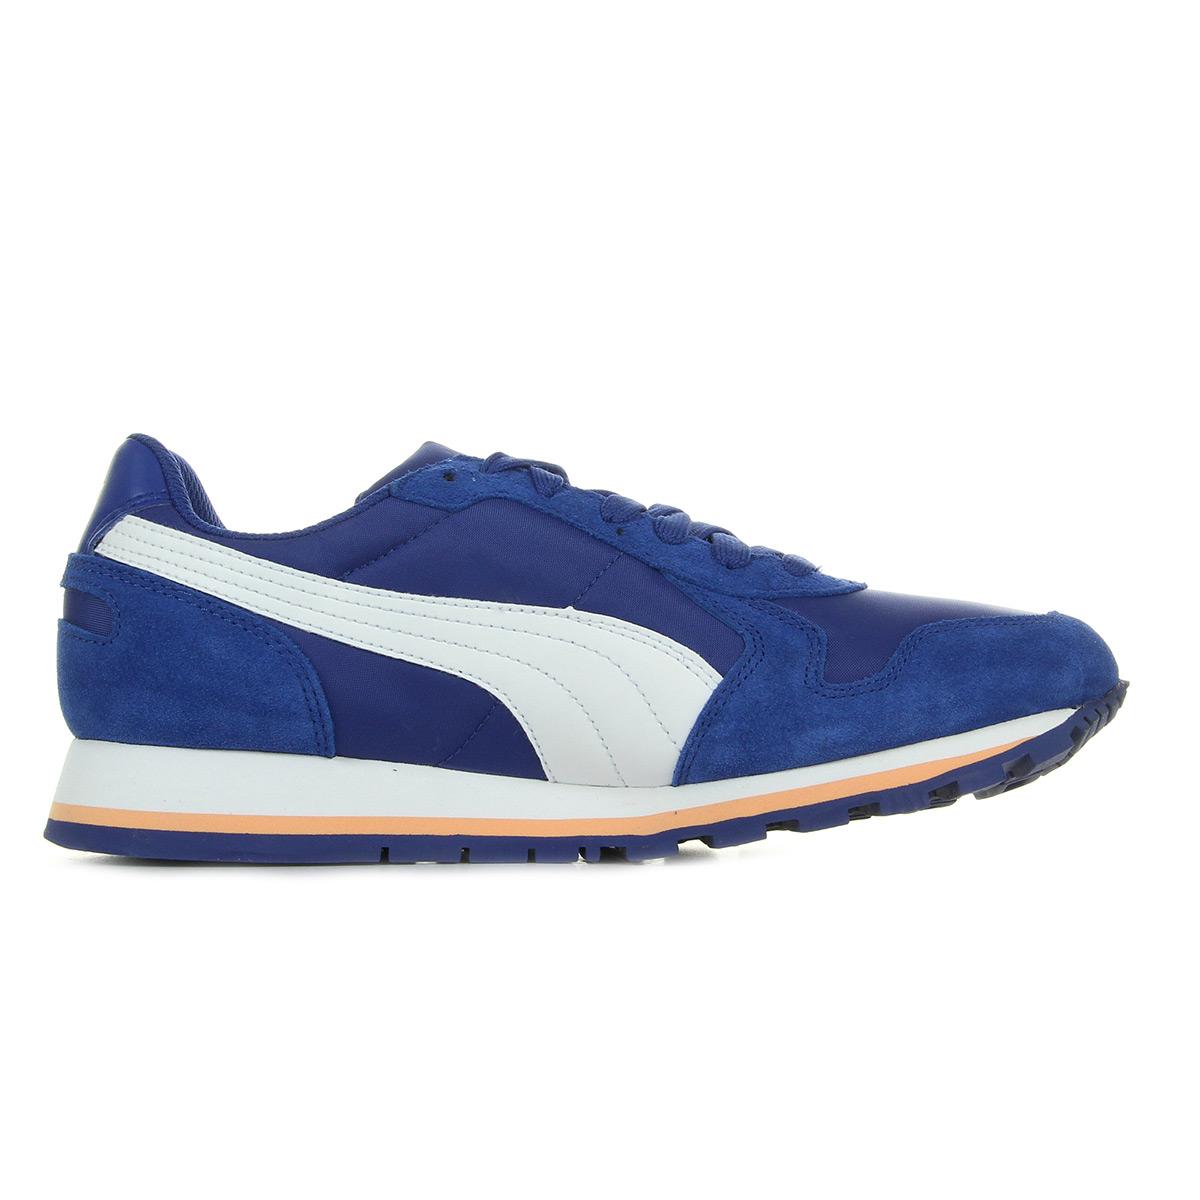 Puma St Runner Nl Clema 35673811, Baskets mode